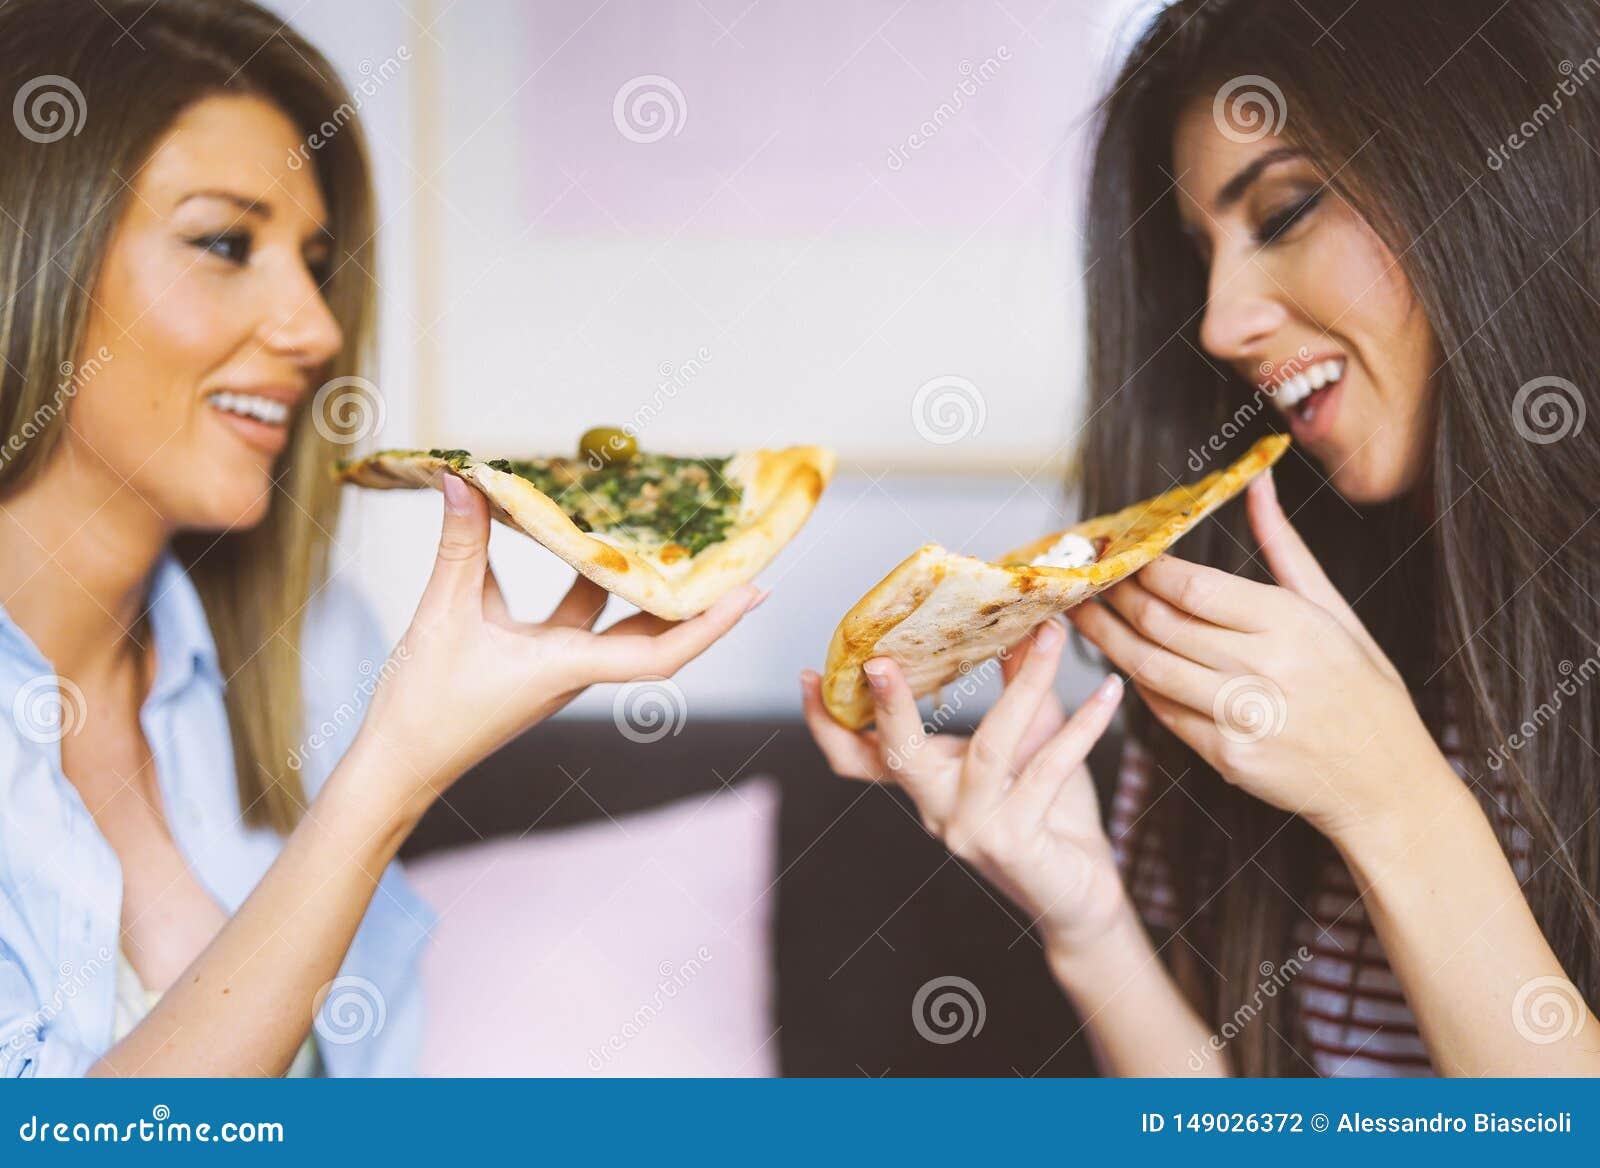 M?ode pi?kne kobiety je plasterki w domu smakowite W?oskie pizzy - Szcz??liwe ?adne damy cieszy si? szybkiego posi?ek wp?lnie